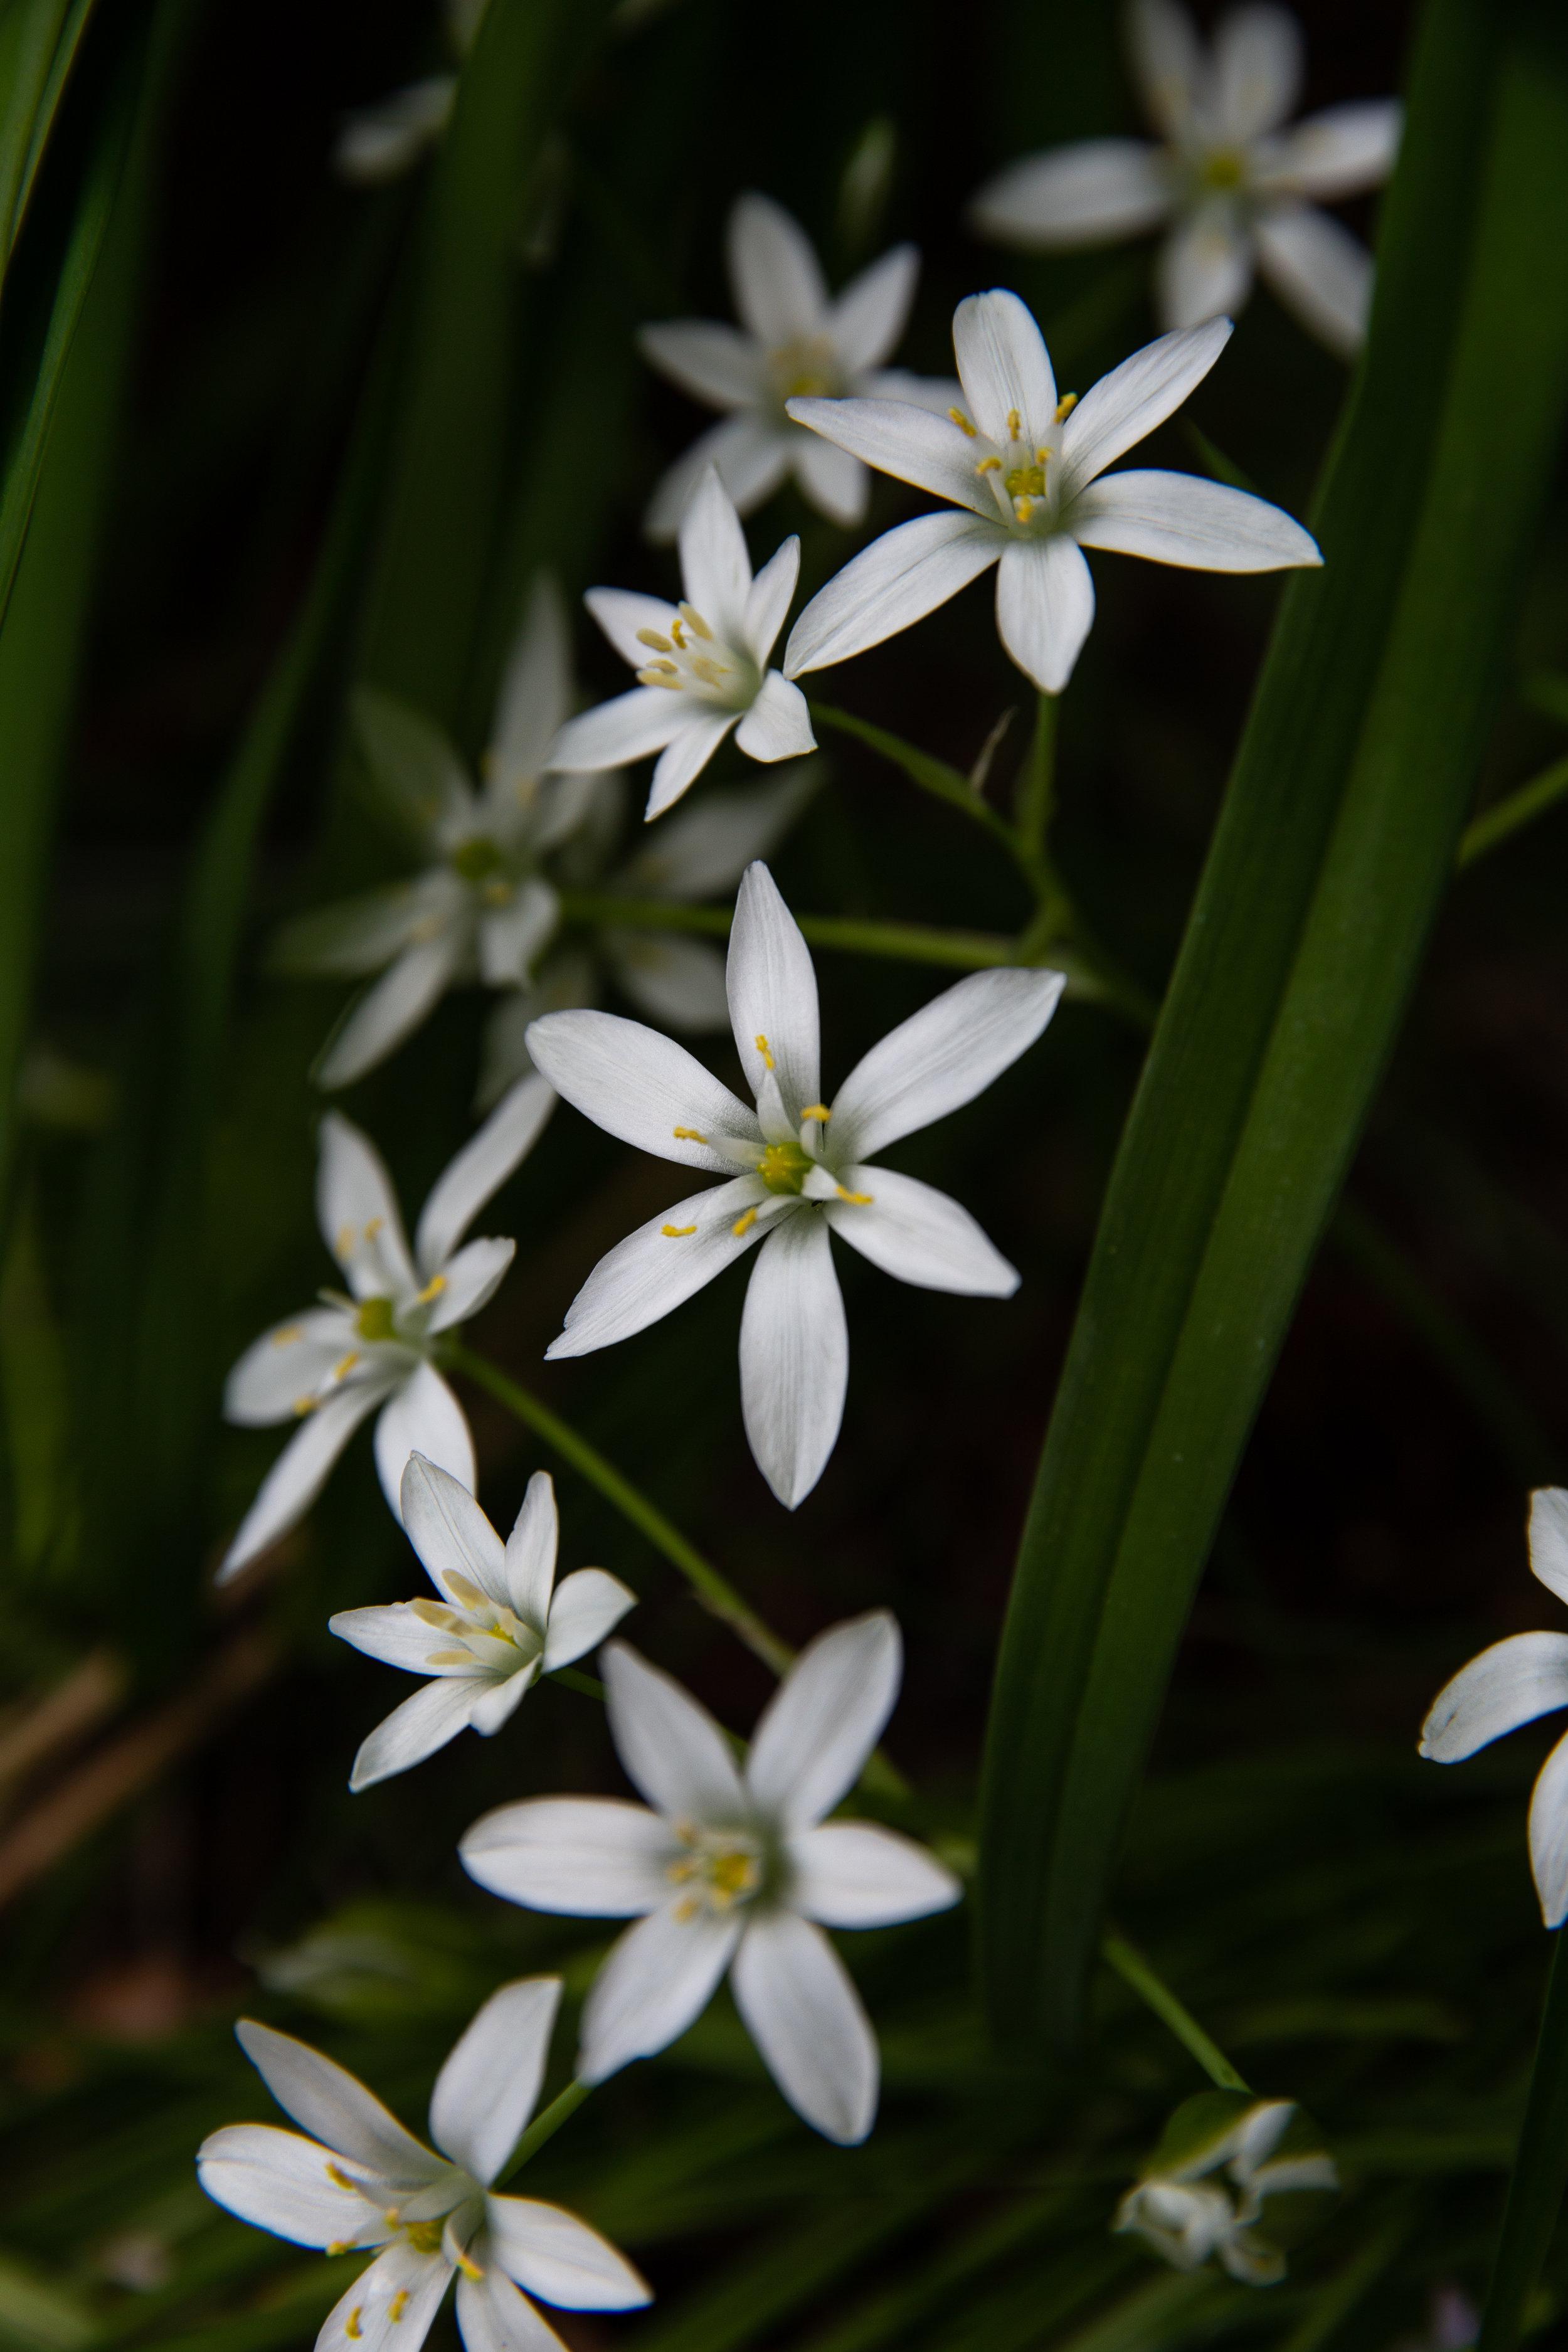 may 7 otis garden flowers oly 2018 5 star edits jenny l miller (87 of 368).jpg